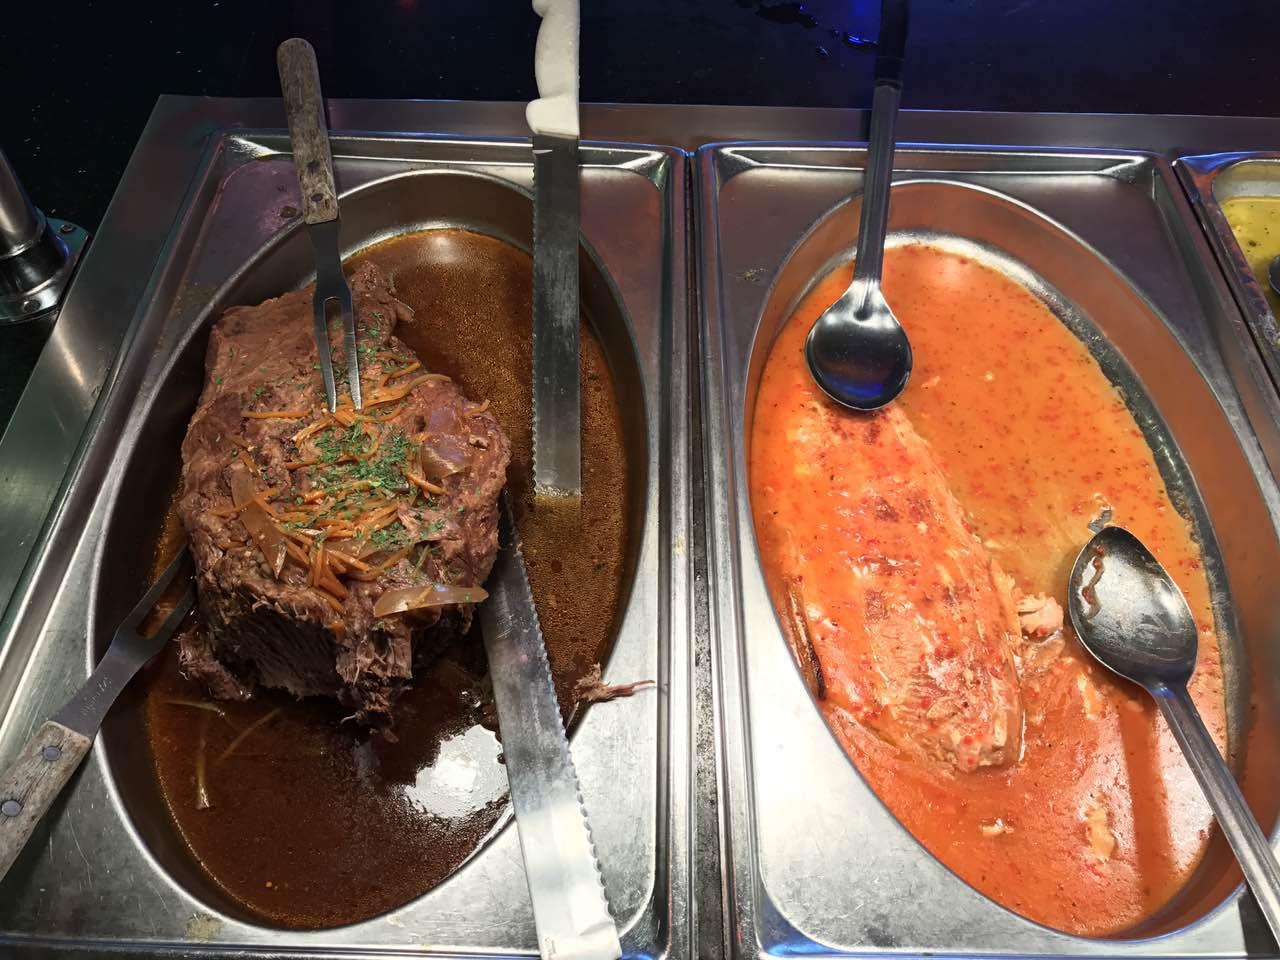 Superb Hibachi Grill Supreme Buffet 5 1 5 Off Greenville Interior Design Ideas Ghosoteloinfo